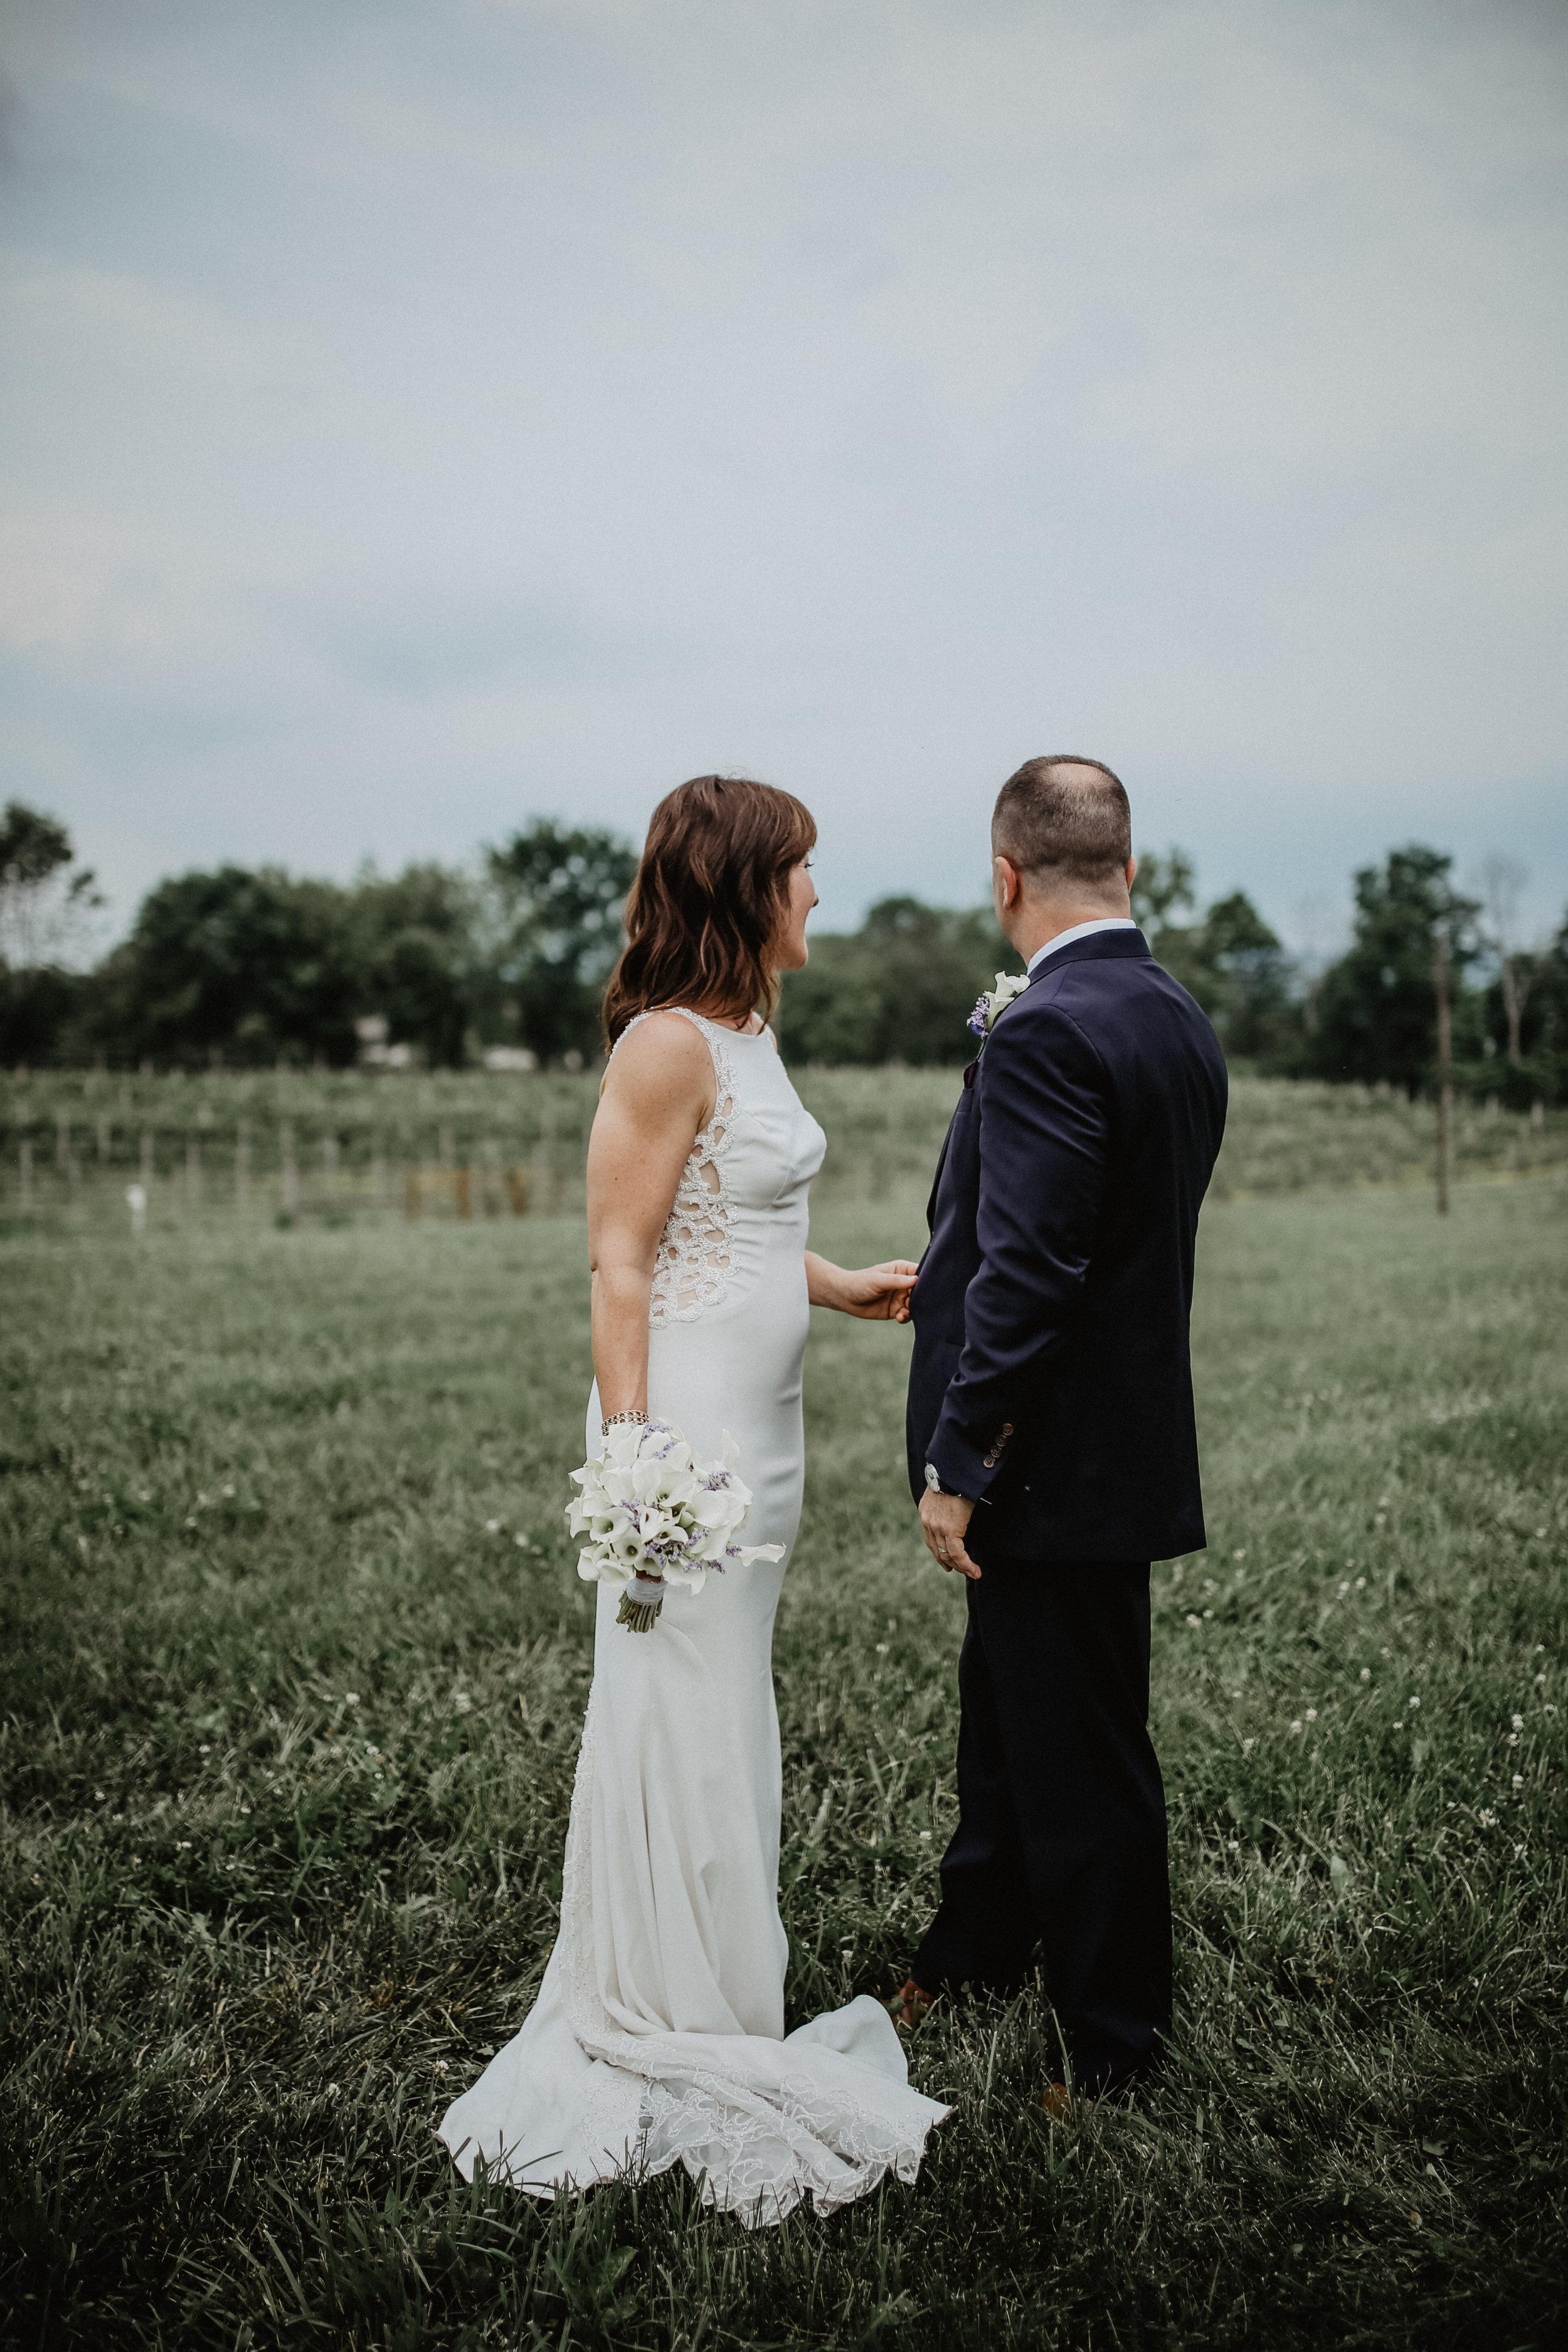 SarahChris_Married_2018-149.jpg